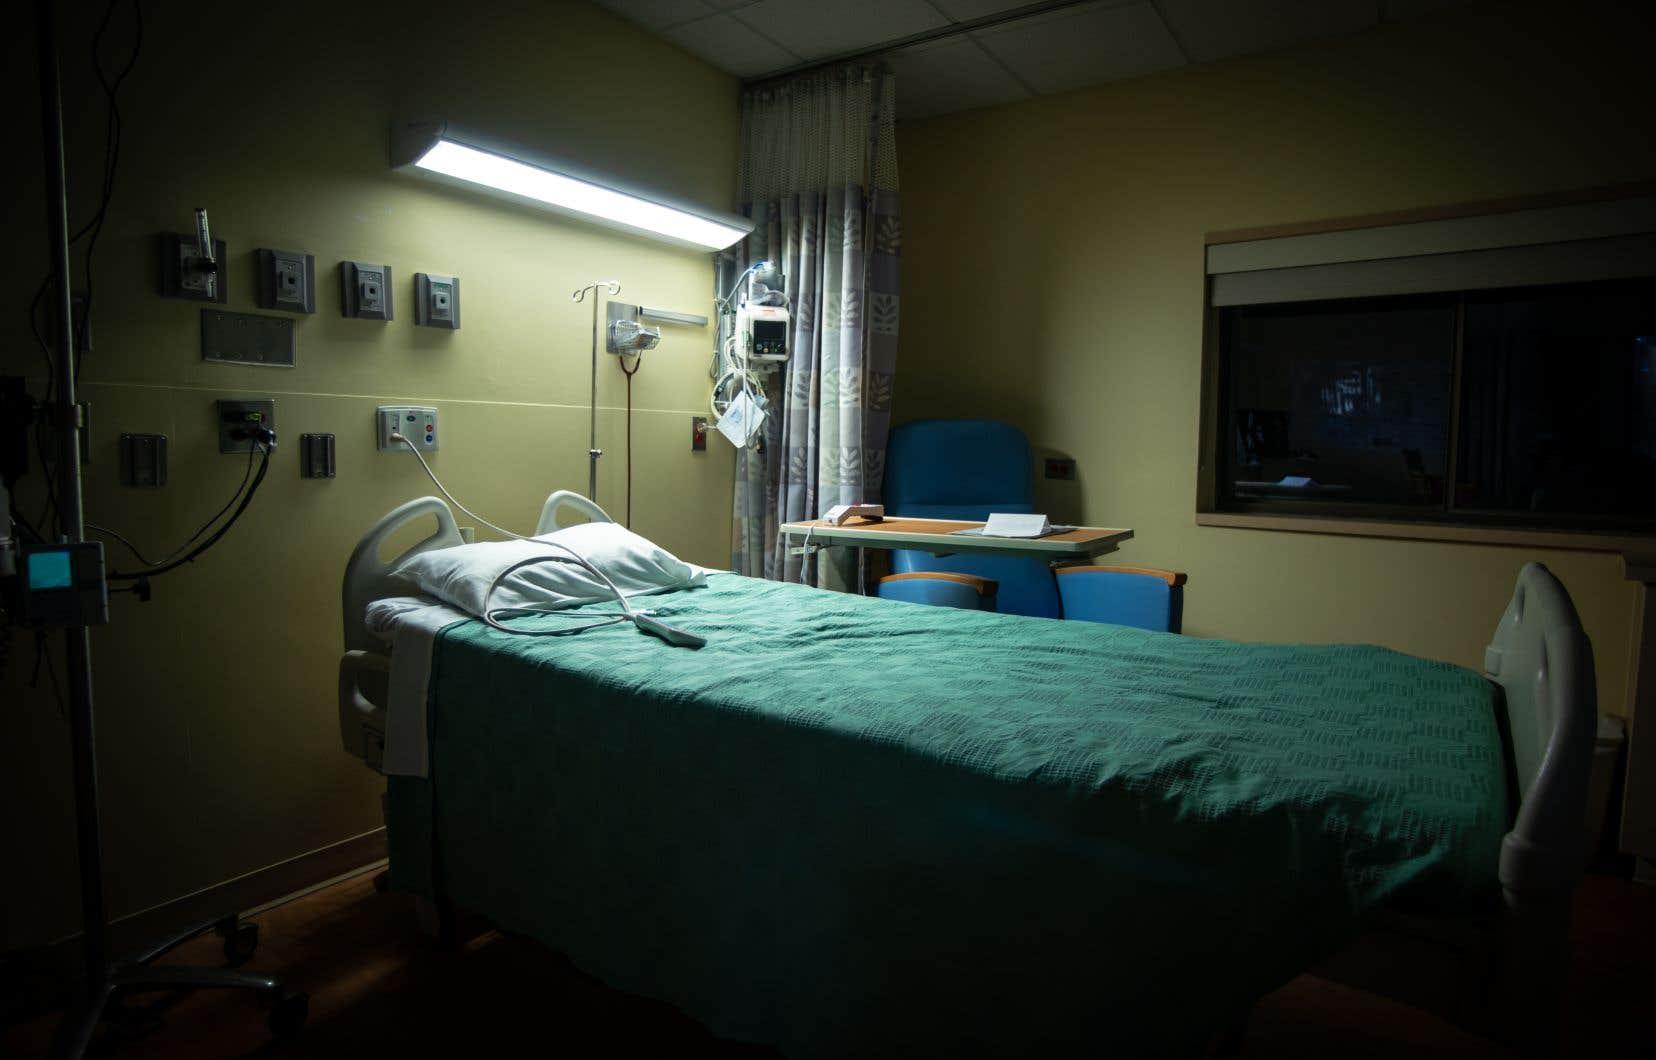 Le débat sur l'aide médicale à mourir a bien mis en relief que choisir les paramètres de sa mort est une manière de donner un sens à sa vie.